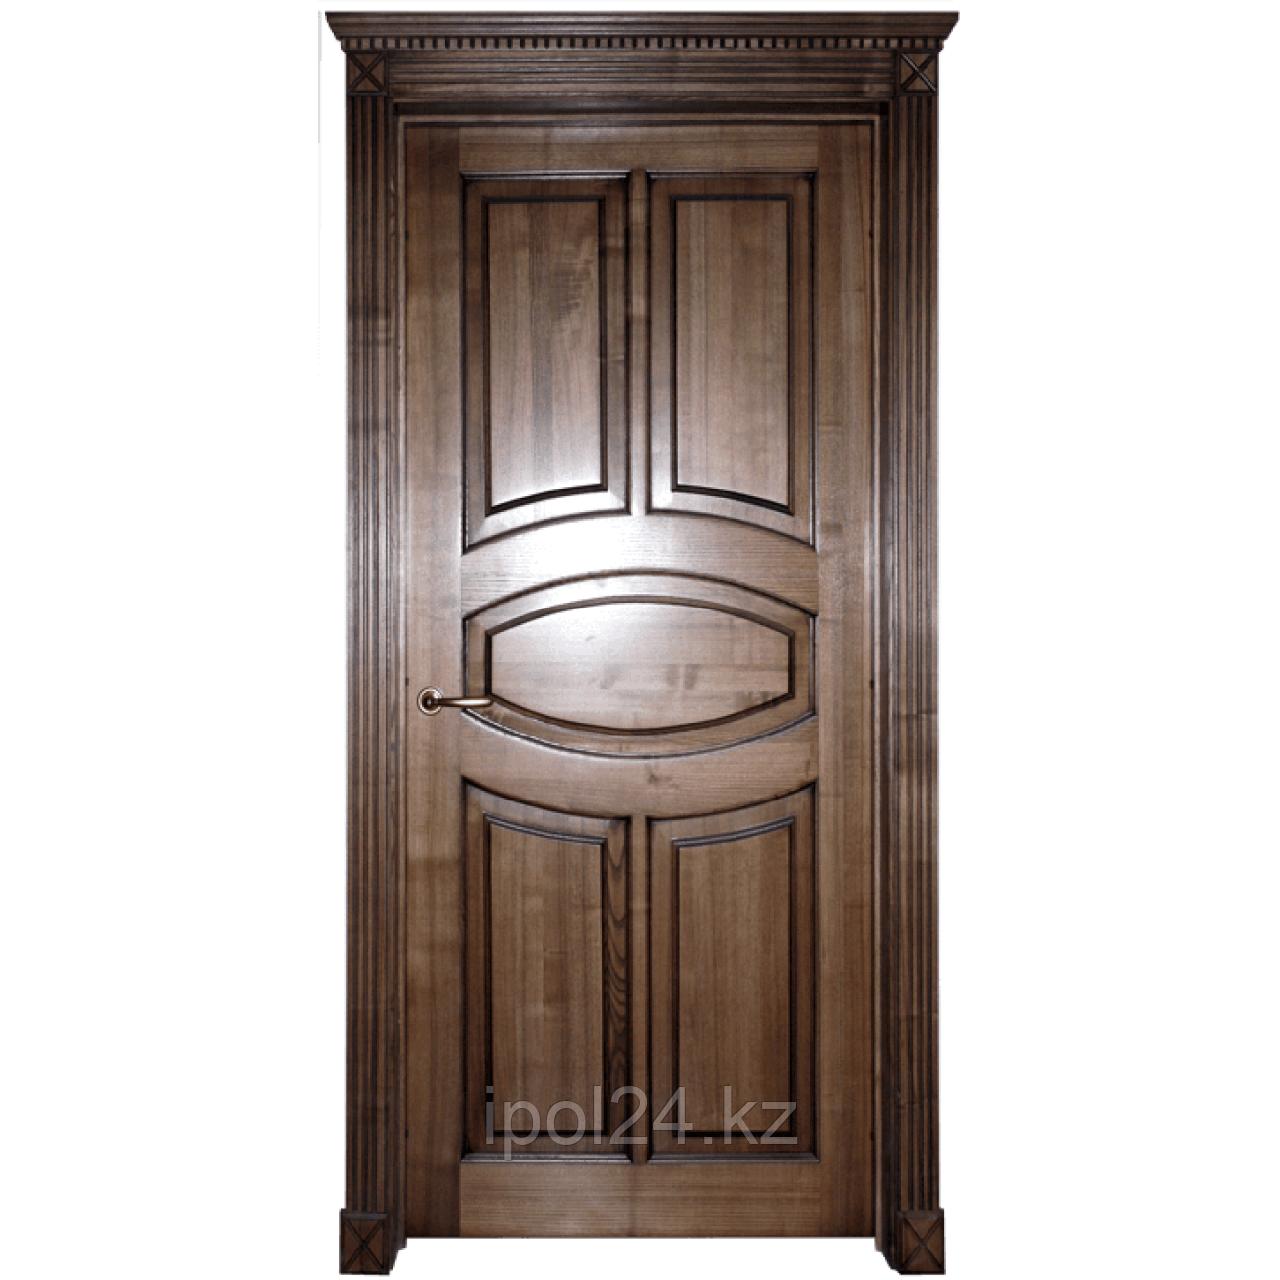 Дверь массив дуб ясень Фабер